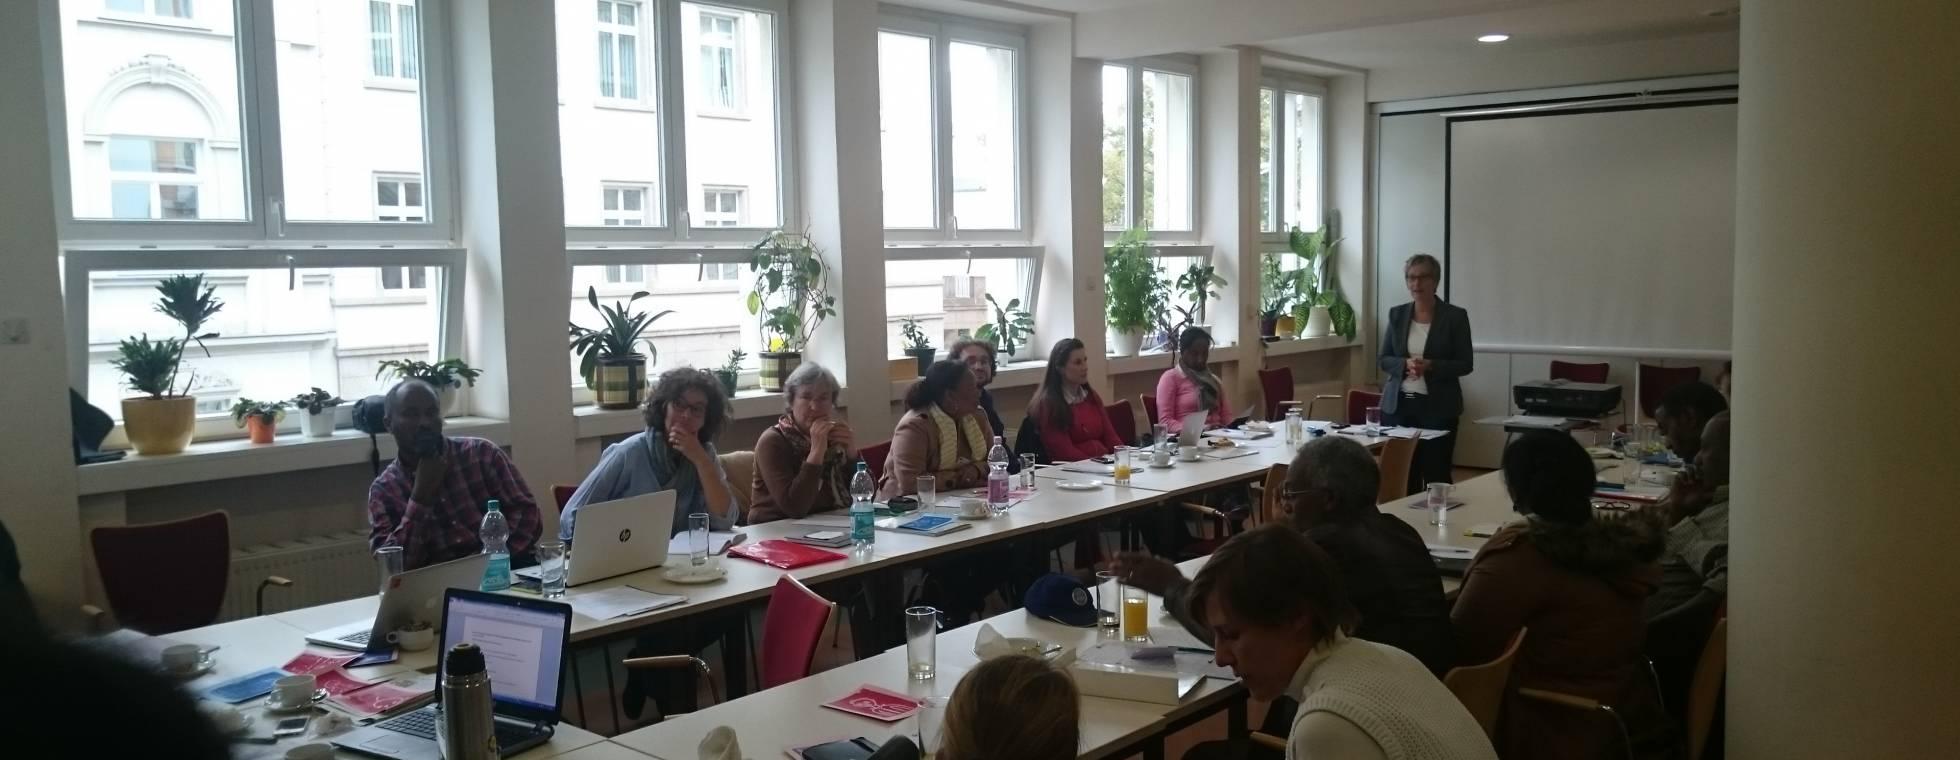 Workshoptreffen in der DZB